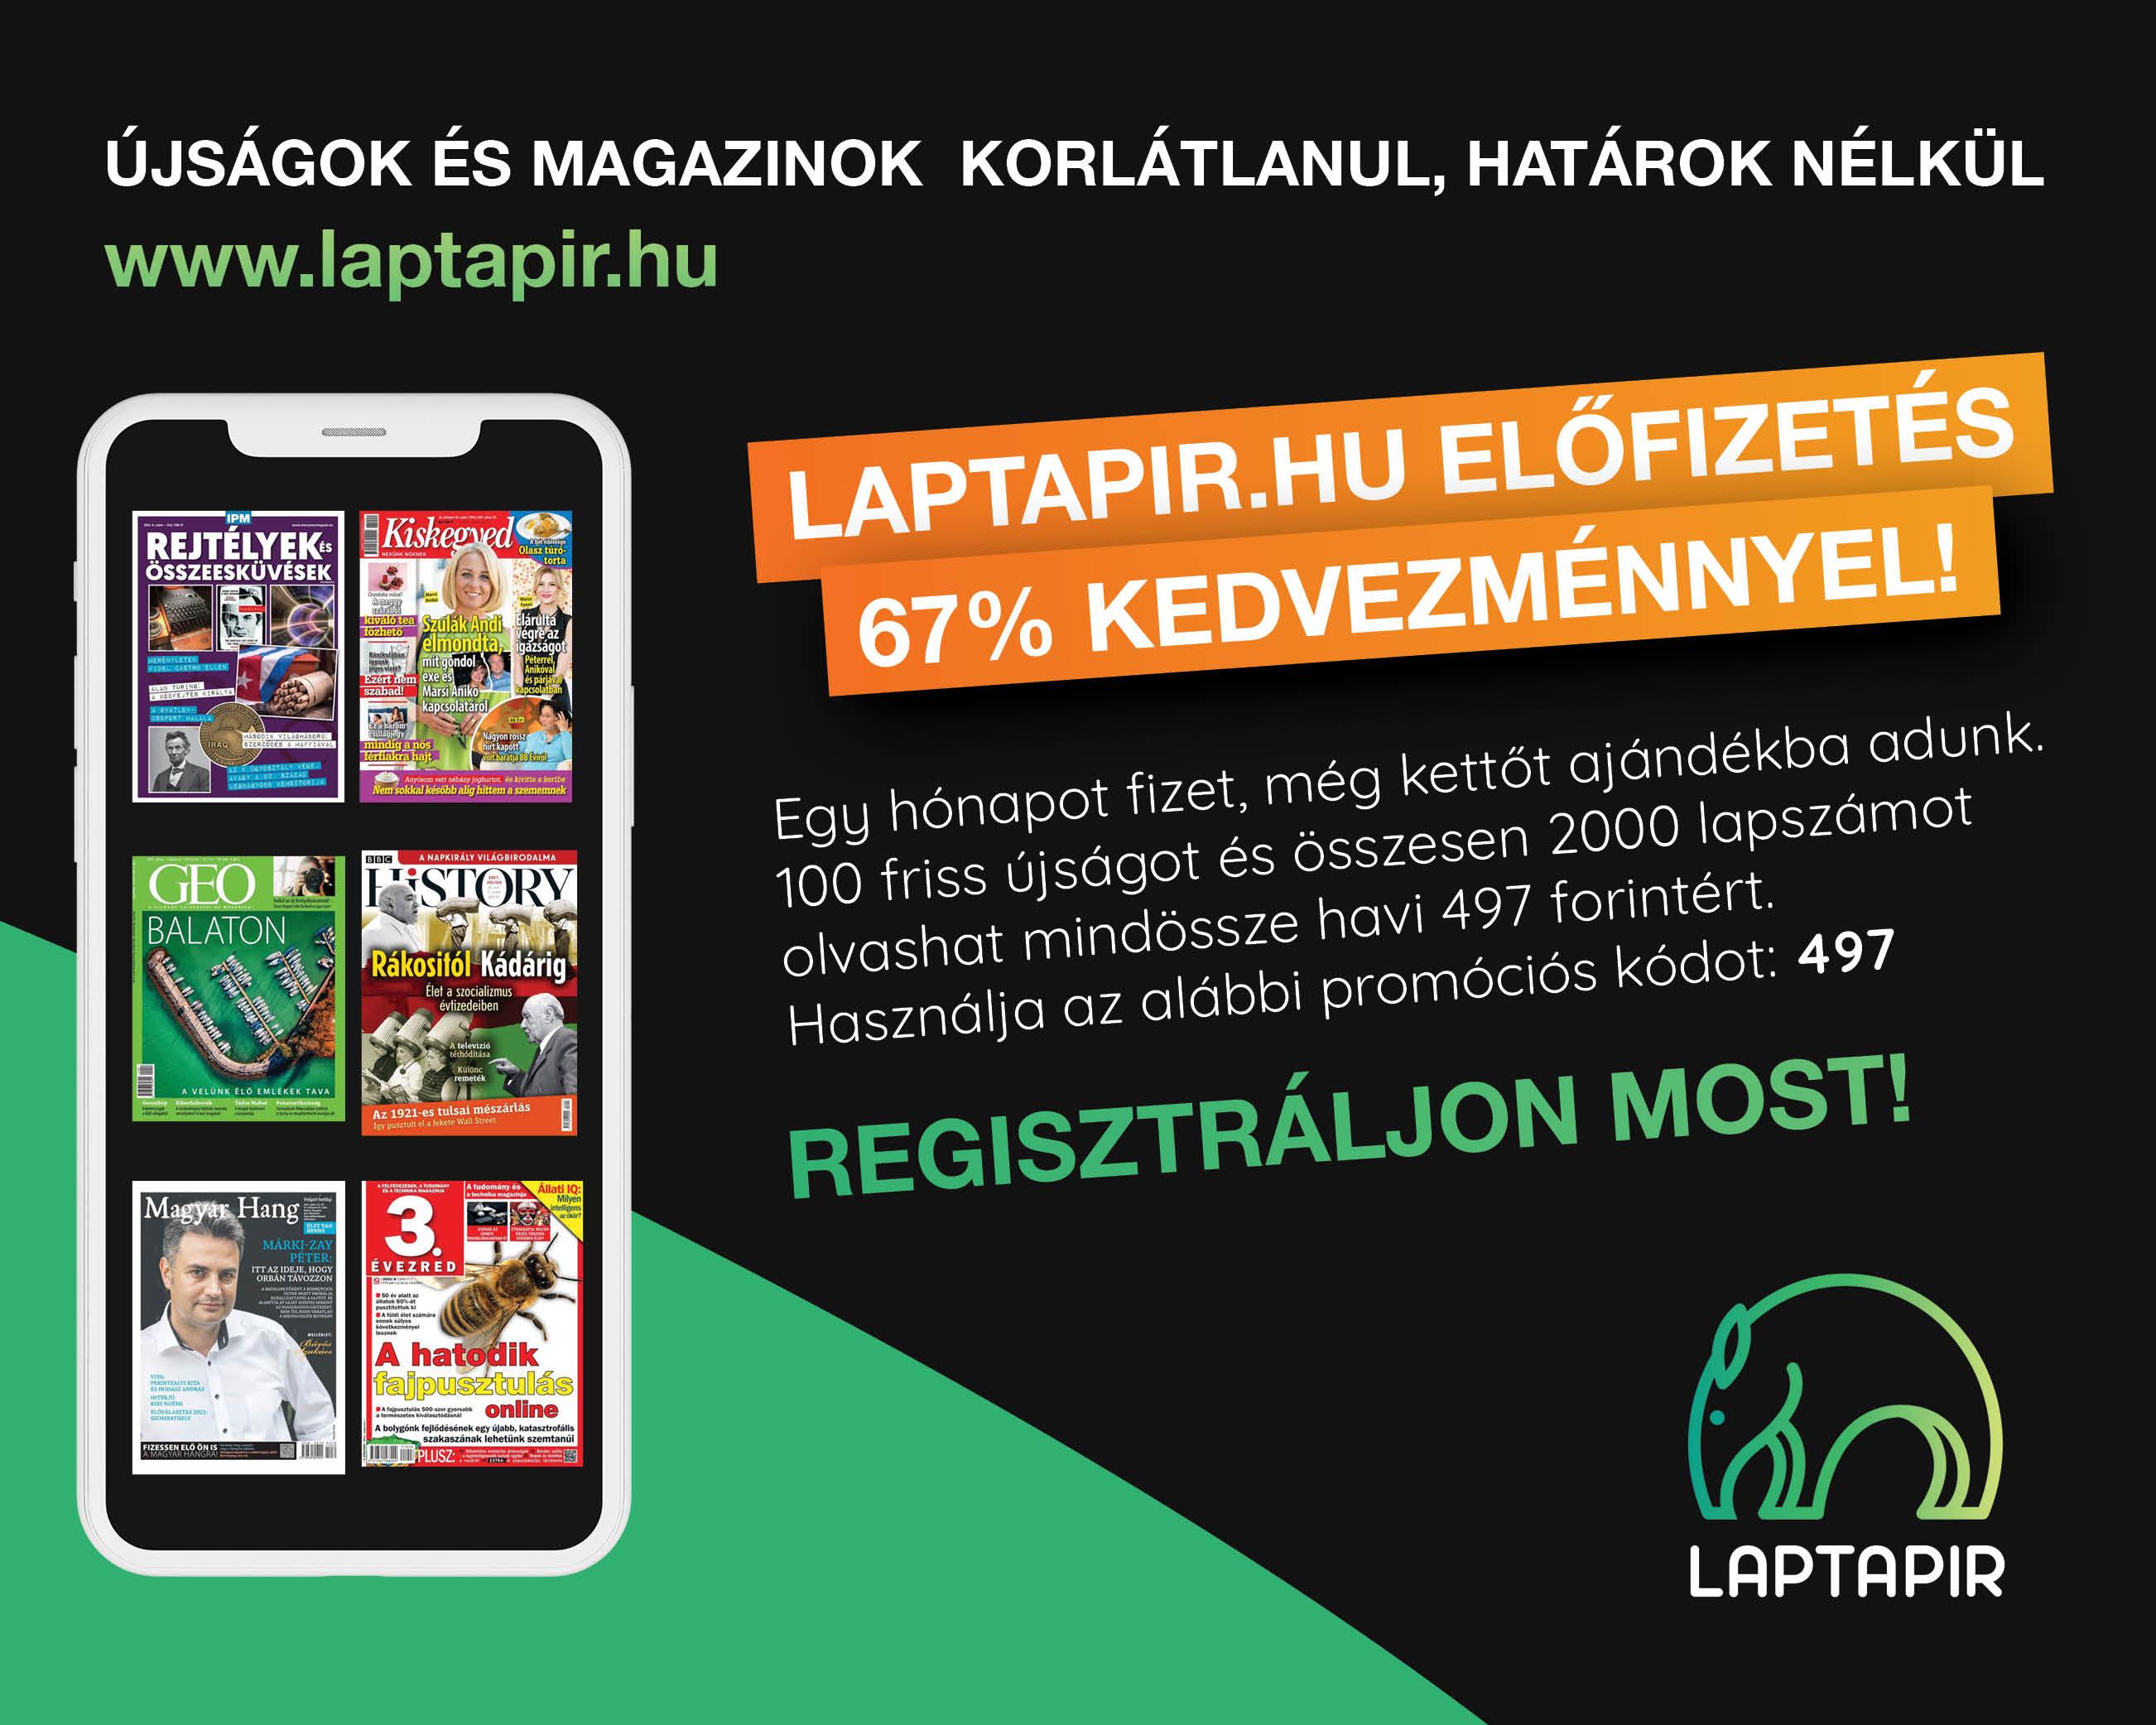 Most csak havi 497 forintért 67% kedvezménnyel olvashat 100 újságot a laptapir.hu oldalon!